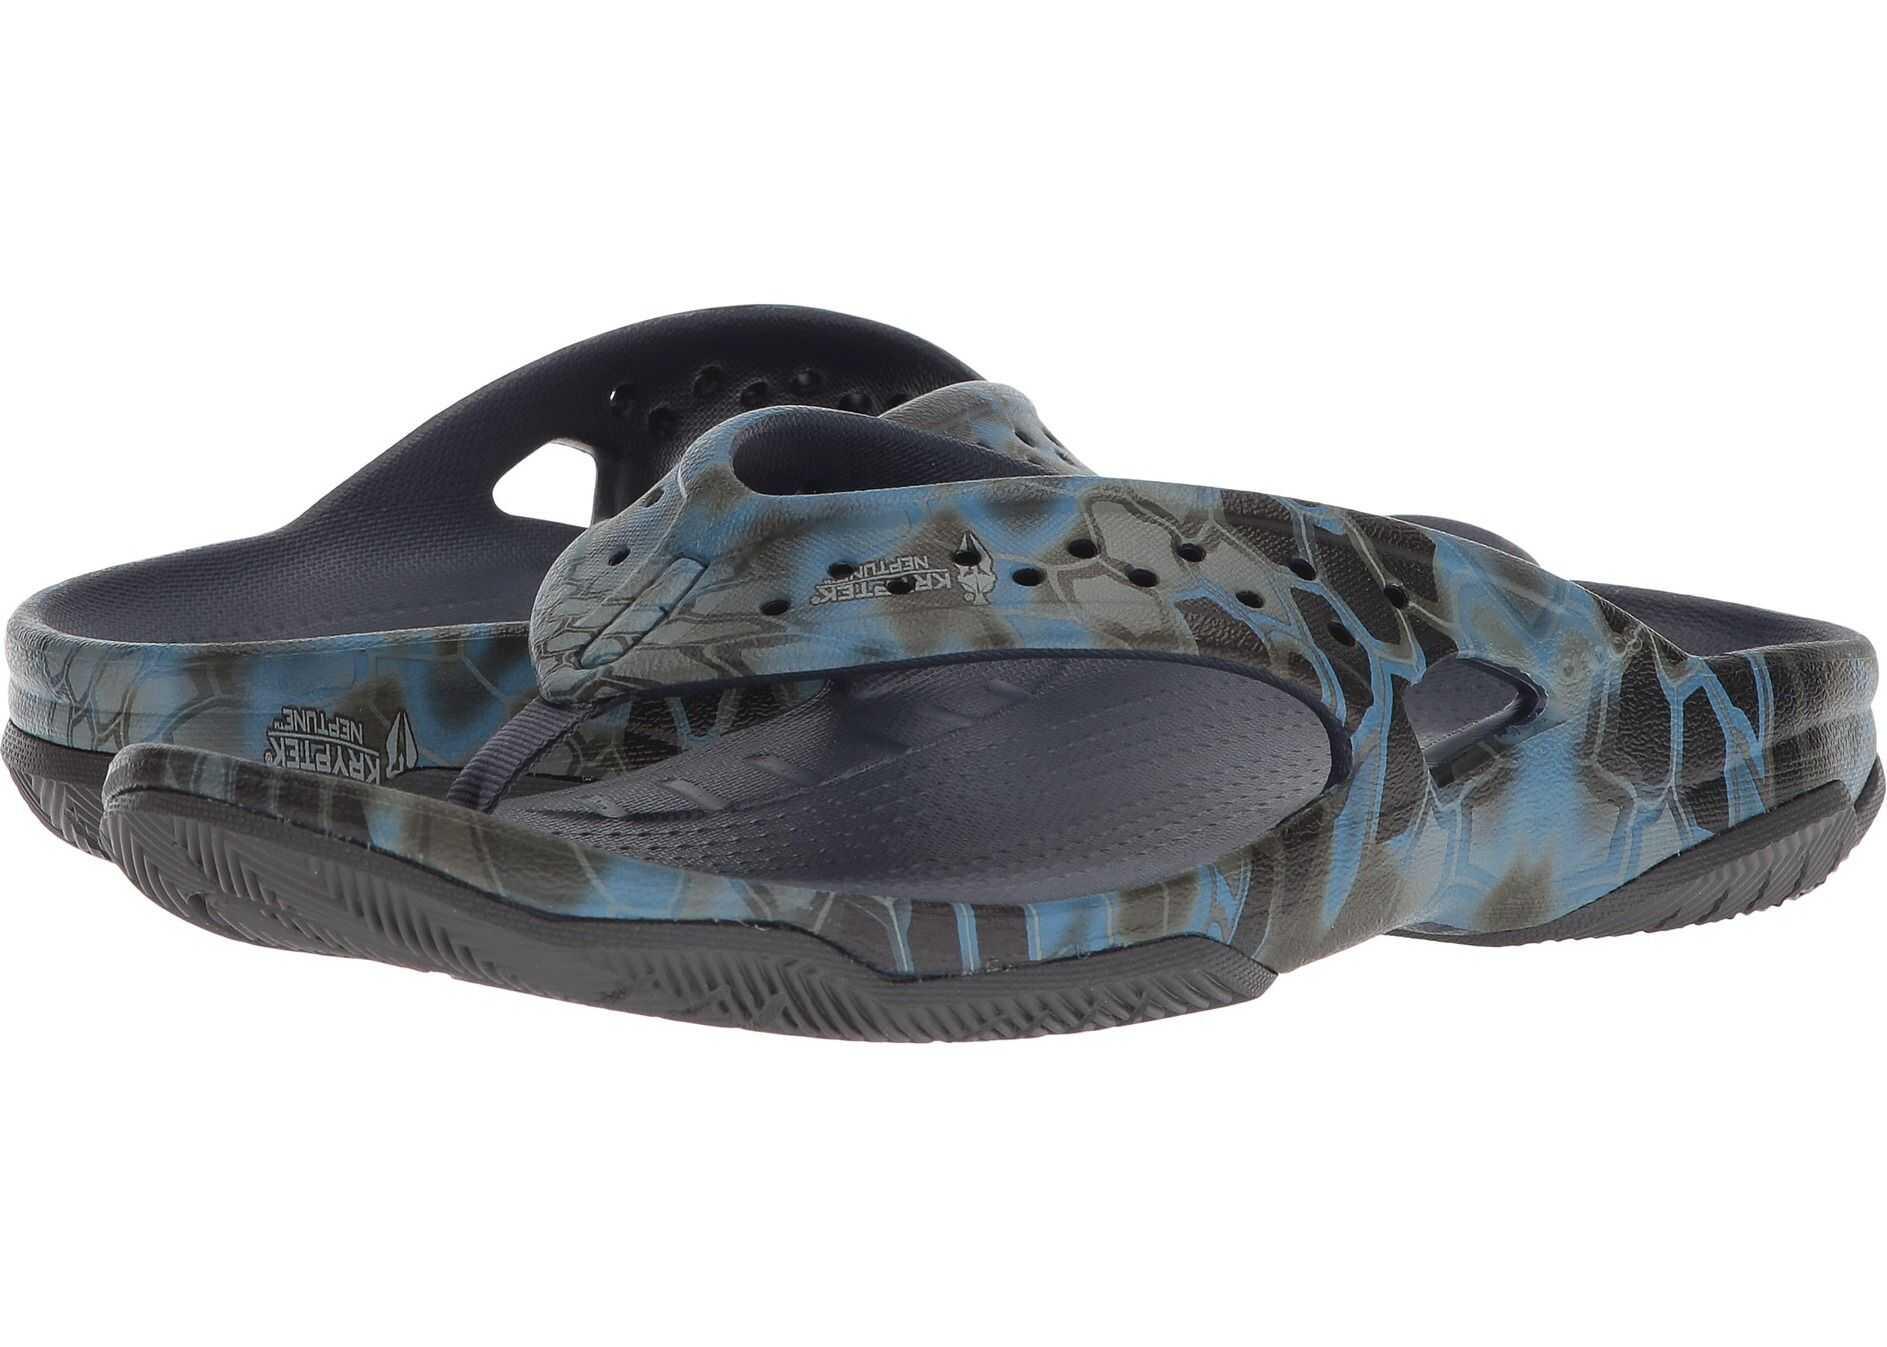 Crocs Swiftwater Kryptek Neptune Deck Flip Navy